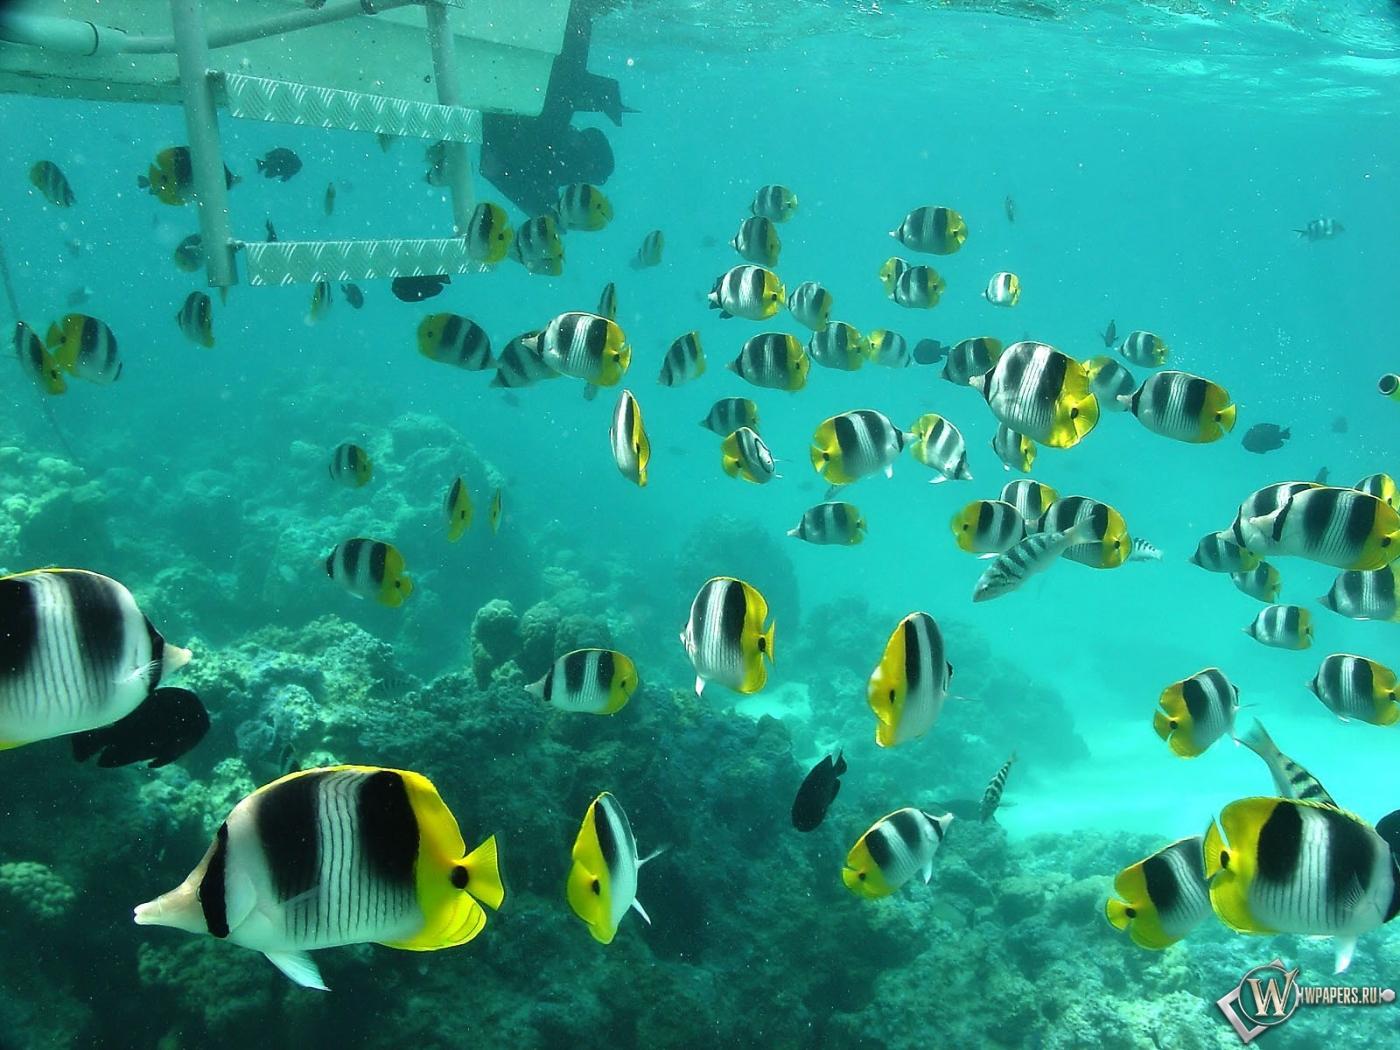 Полосатые рыбки 1400x1050